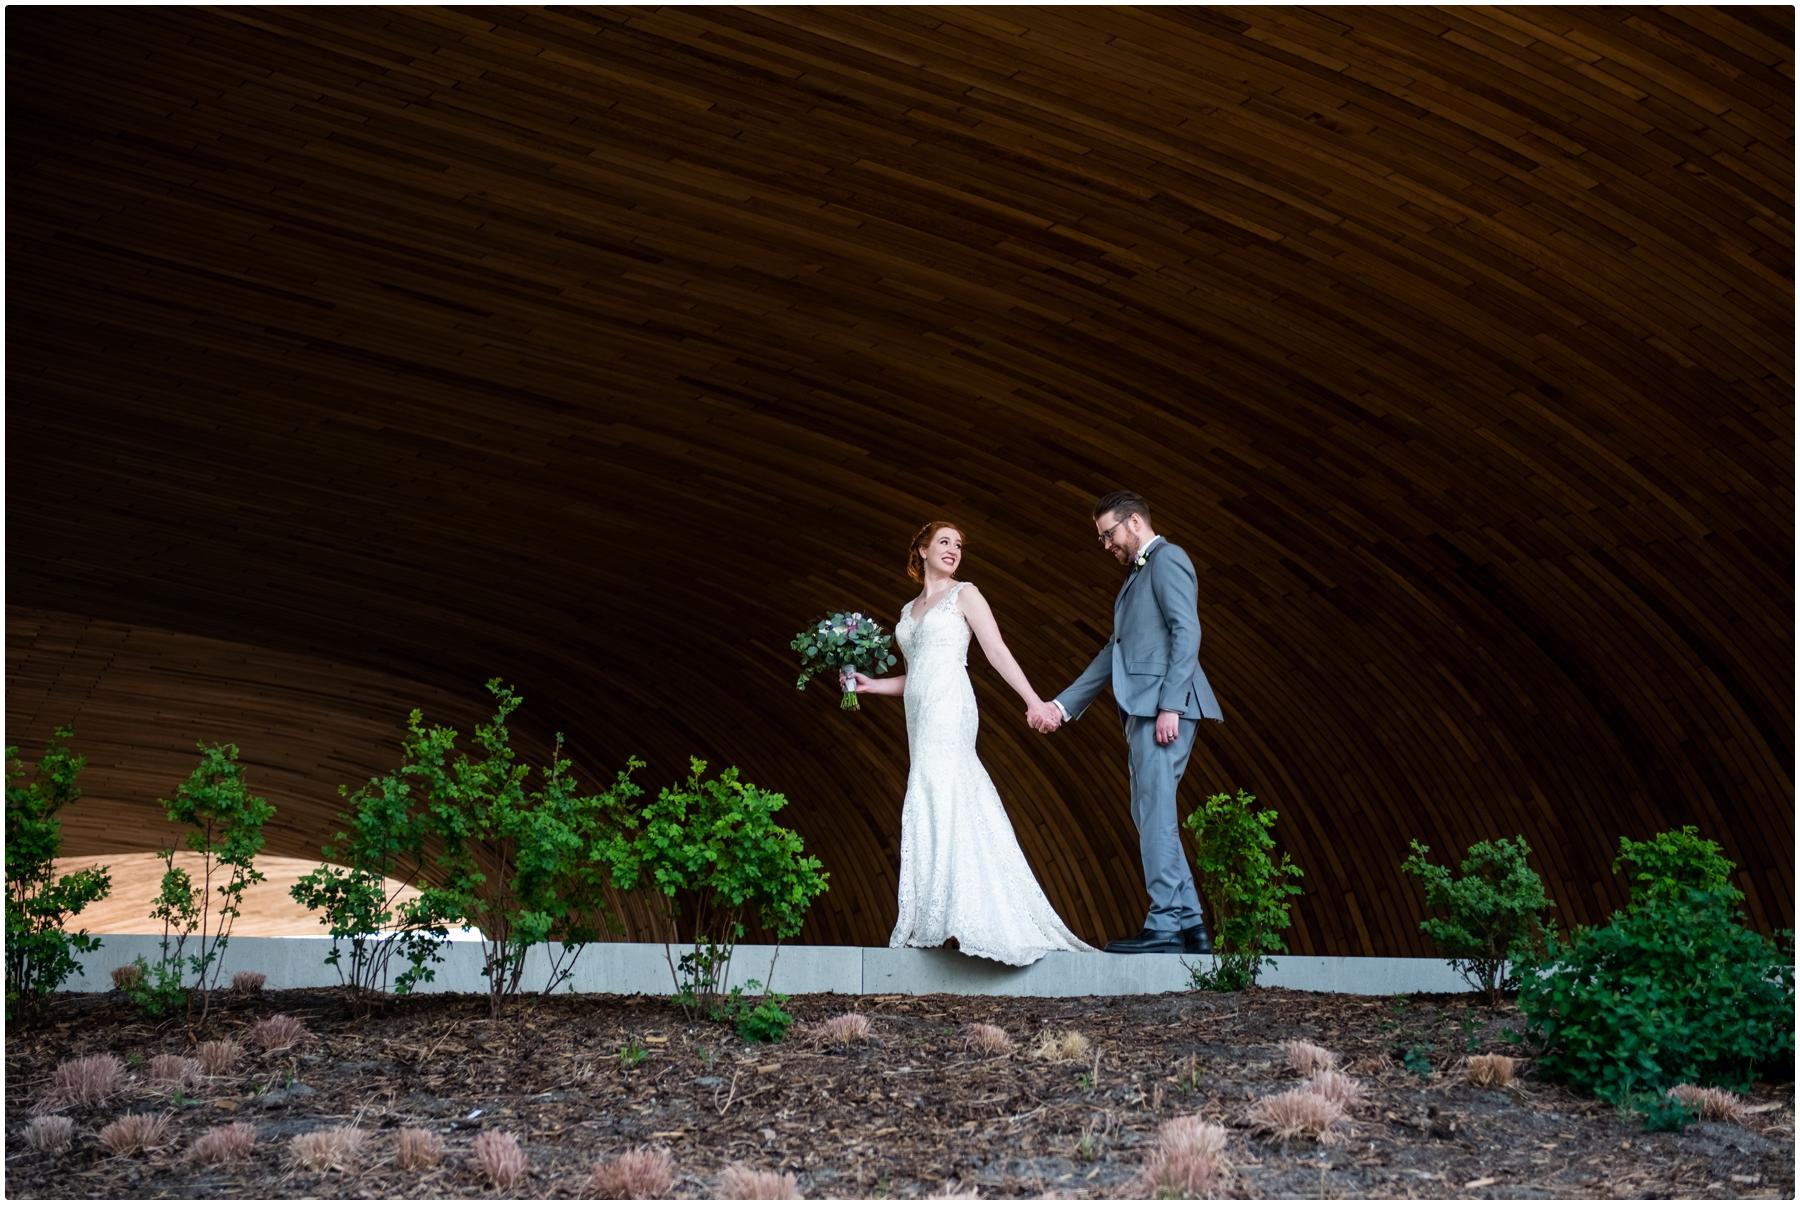 Calgary Central Library Wedding Photos